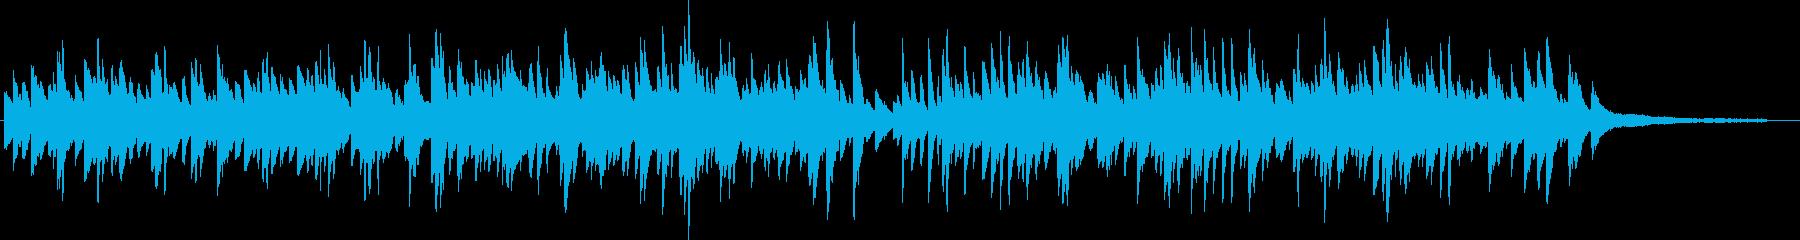 優しい 明るめの ピアノソロ 3拍子の再生済みの波形